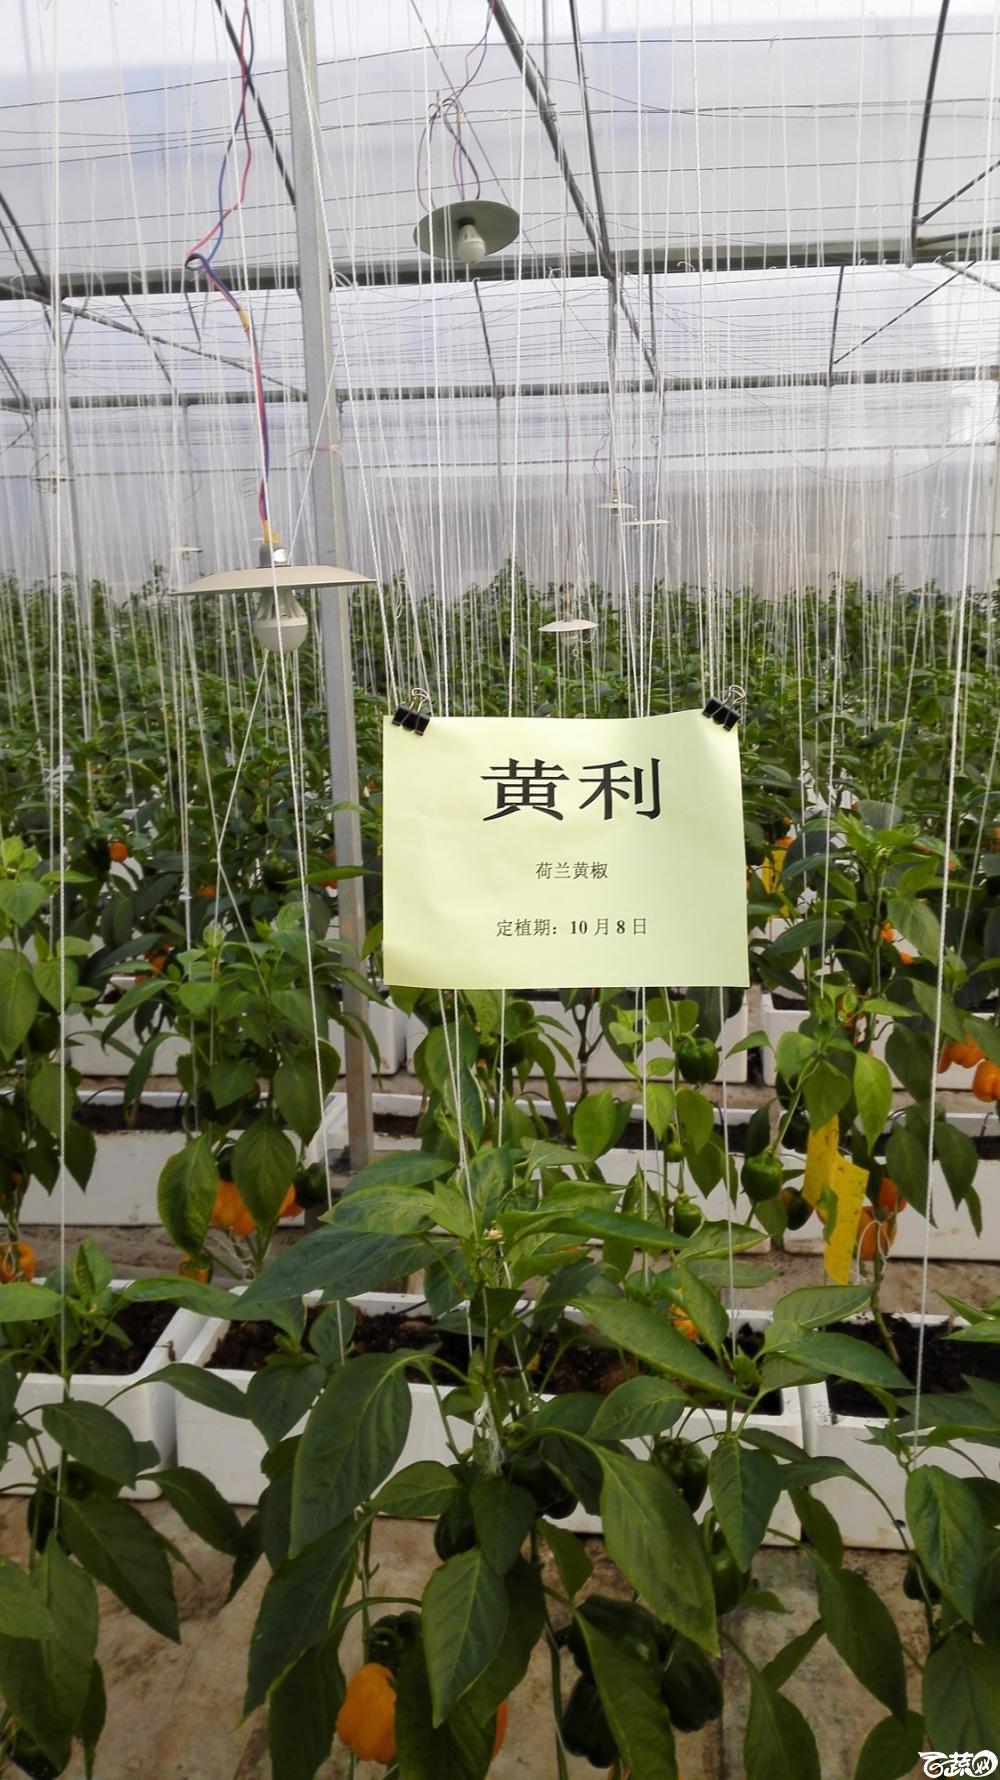 2014年12月8号中山蔬菜新品种展示会_辣椒_274.jpg